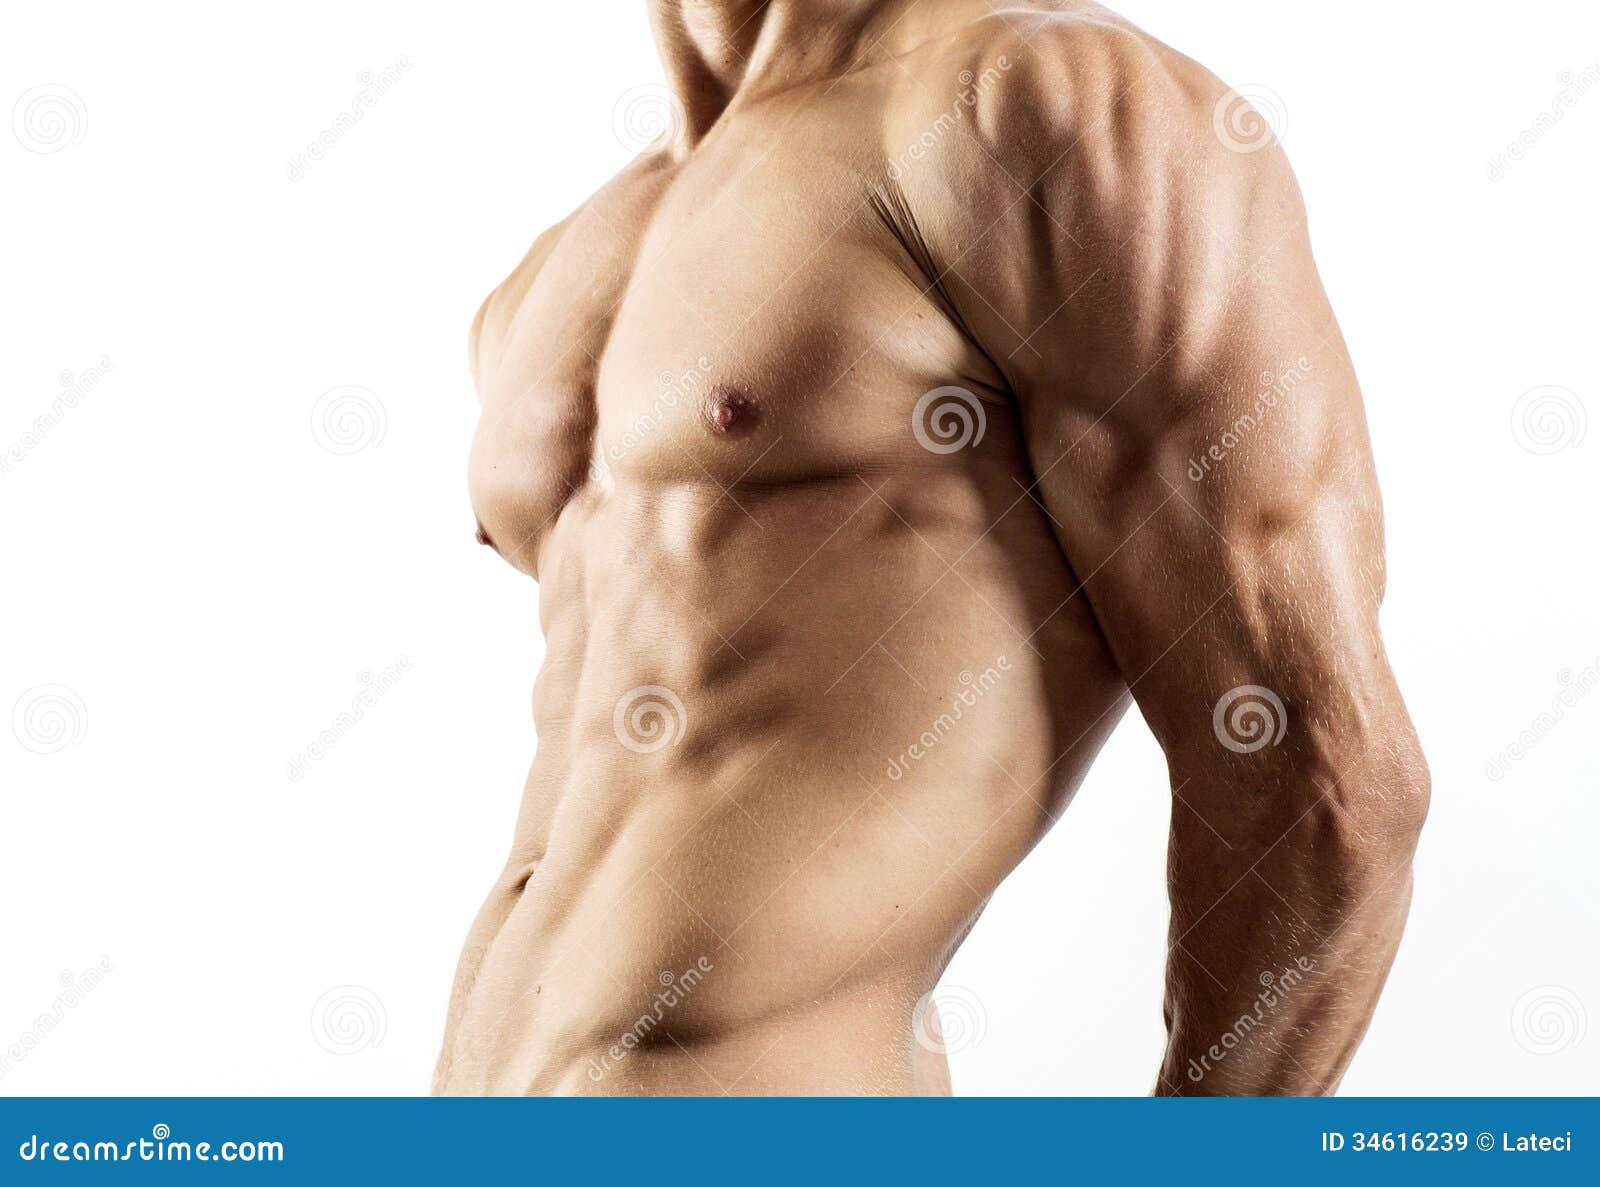 Was für ein sexy Körper